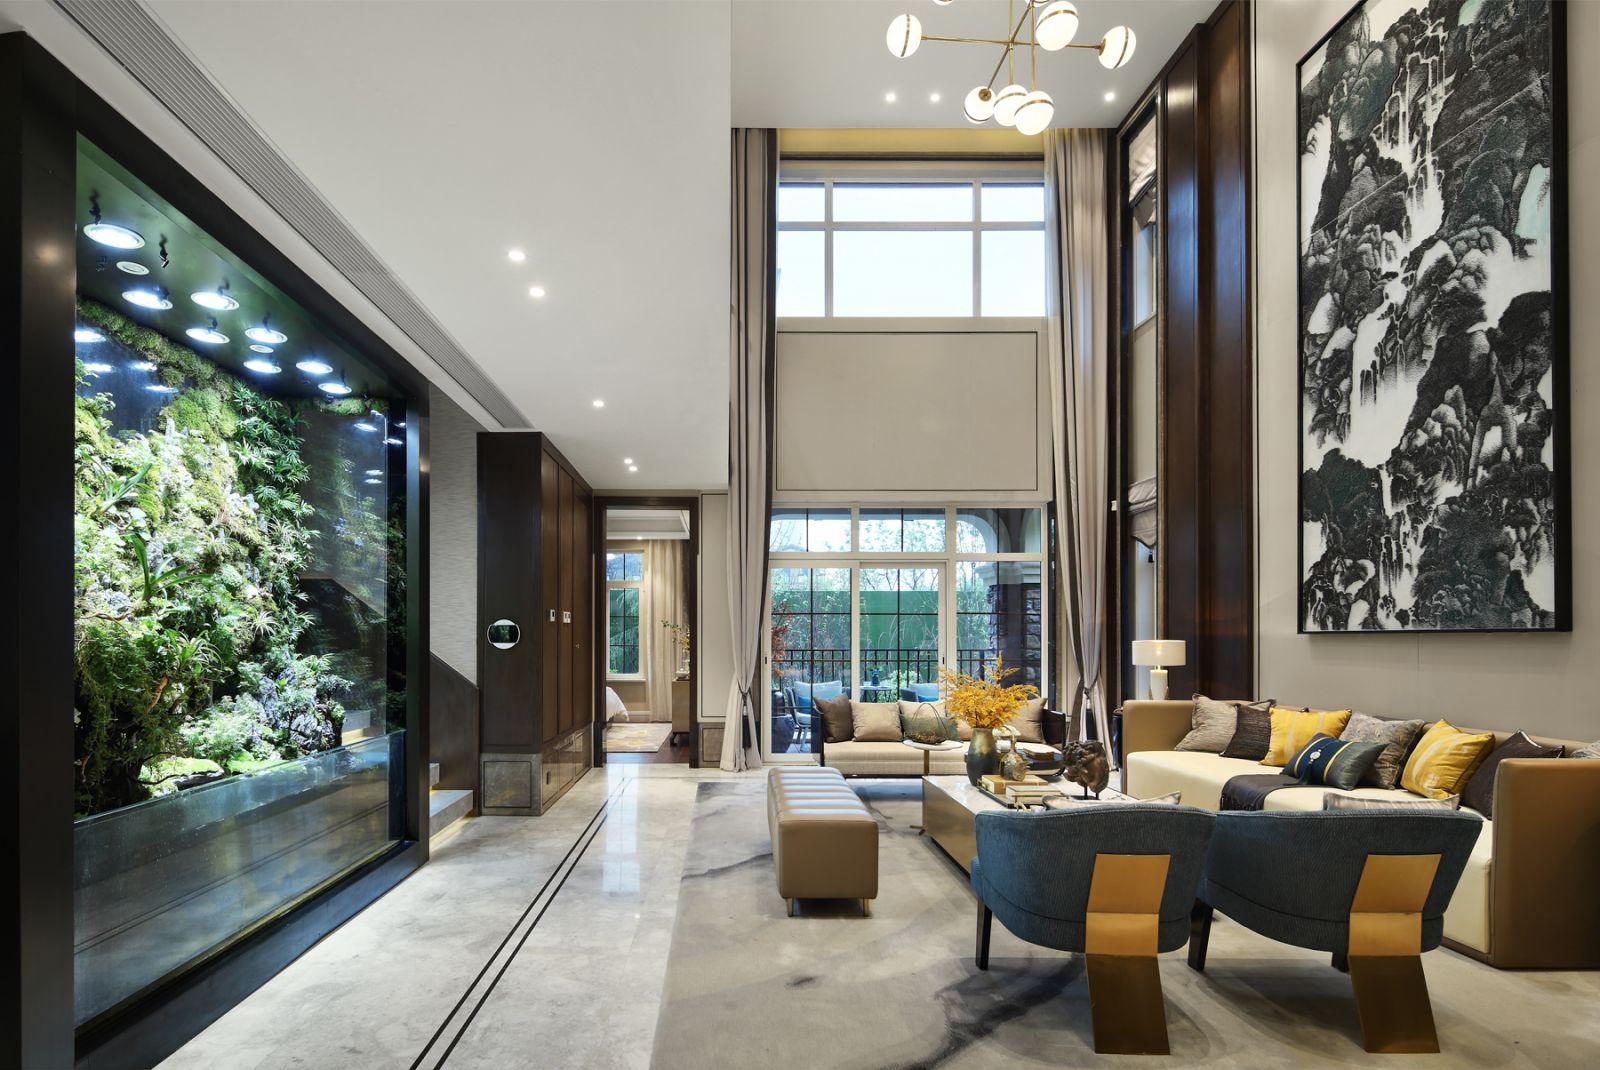 西安·龙湖紫杉别墅样板间 | 上海平仄室内设计事务所